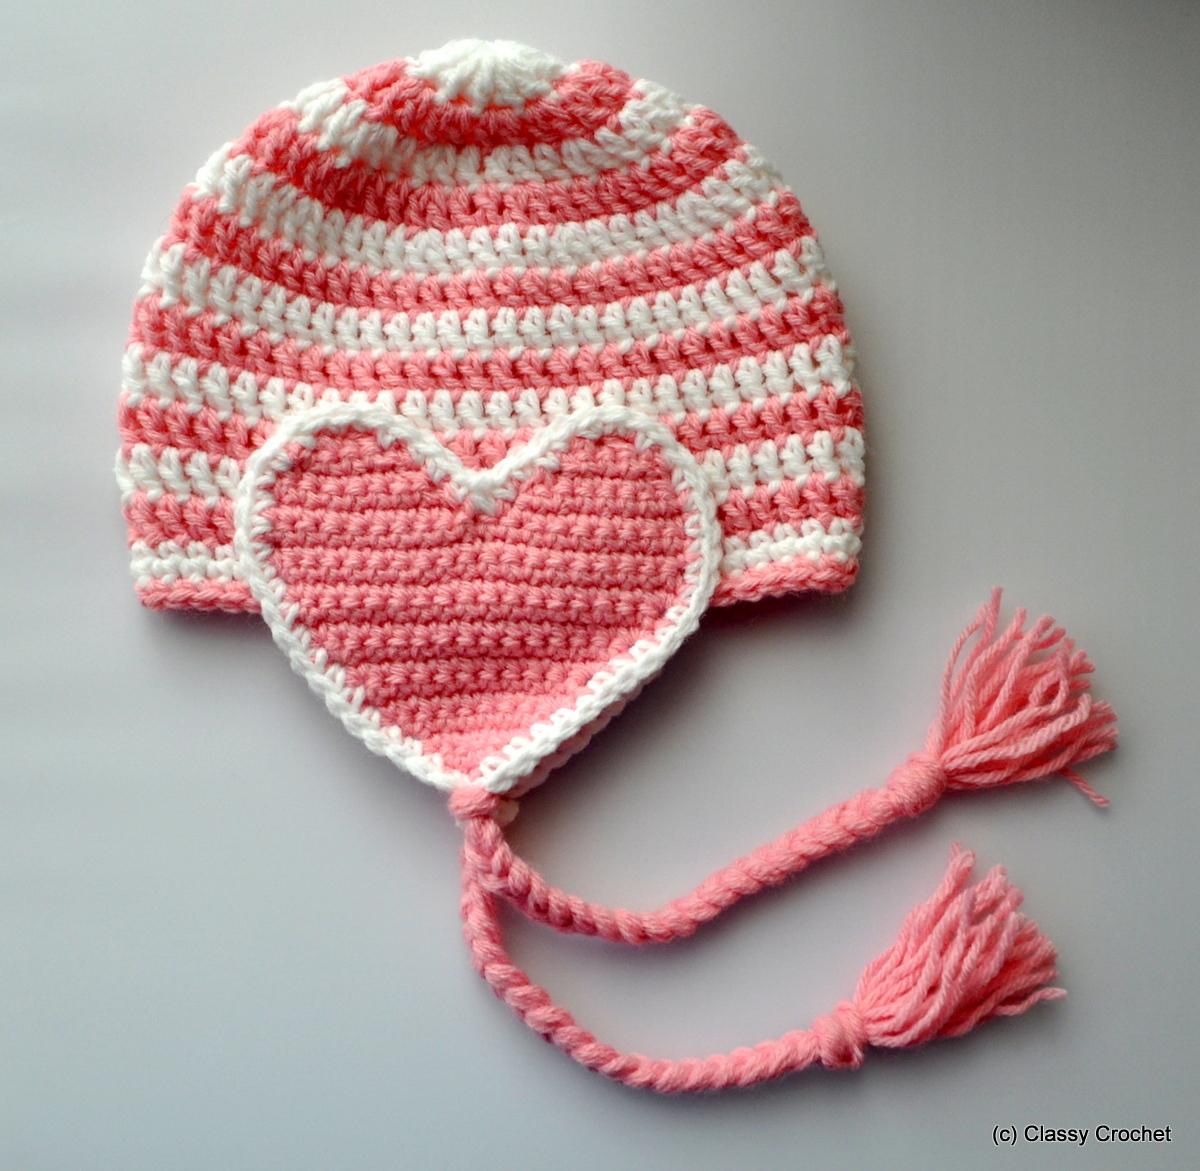 Free pattern crochet valentine heart earflap hat classy crochet free pattern crochet valentine earflap hat classy crochet dt1010fo